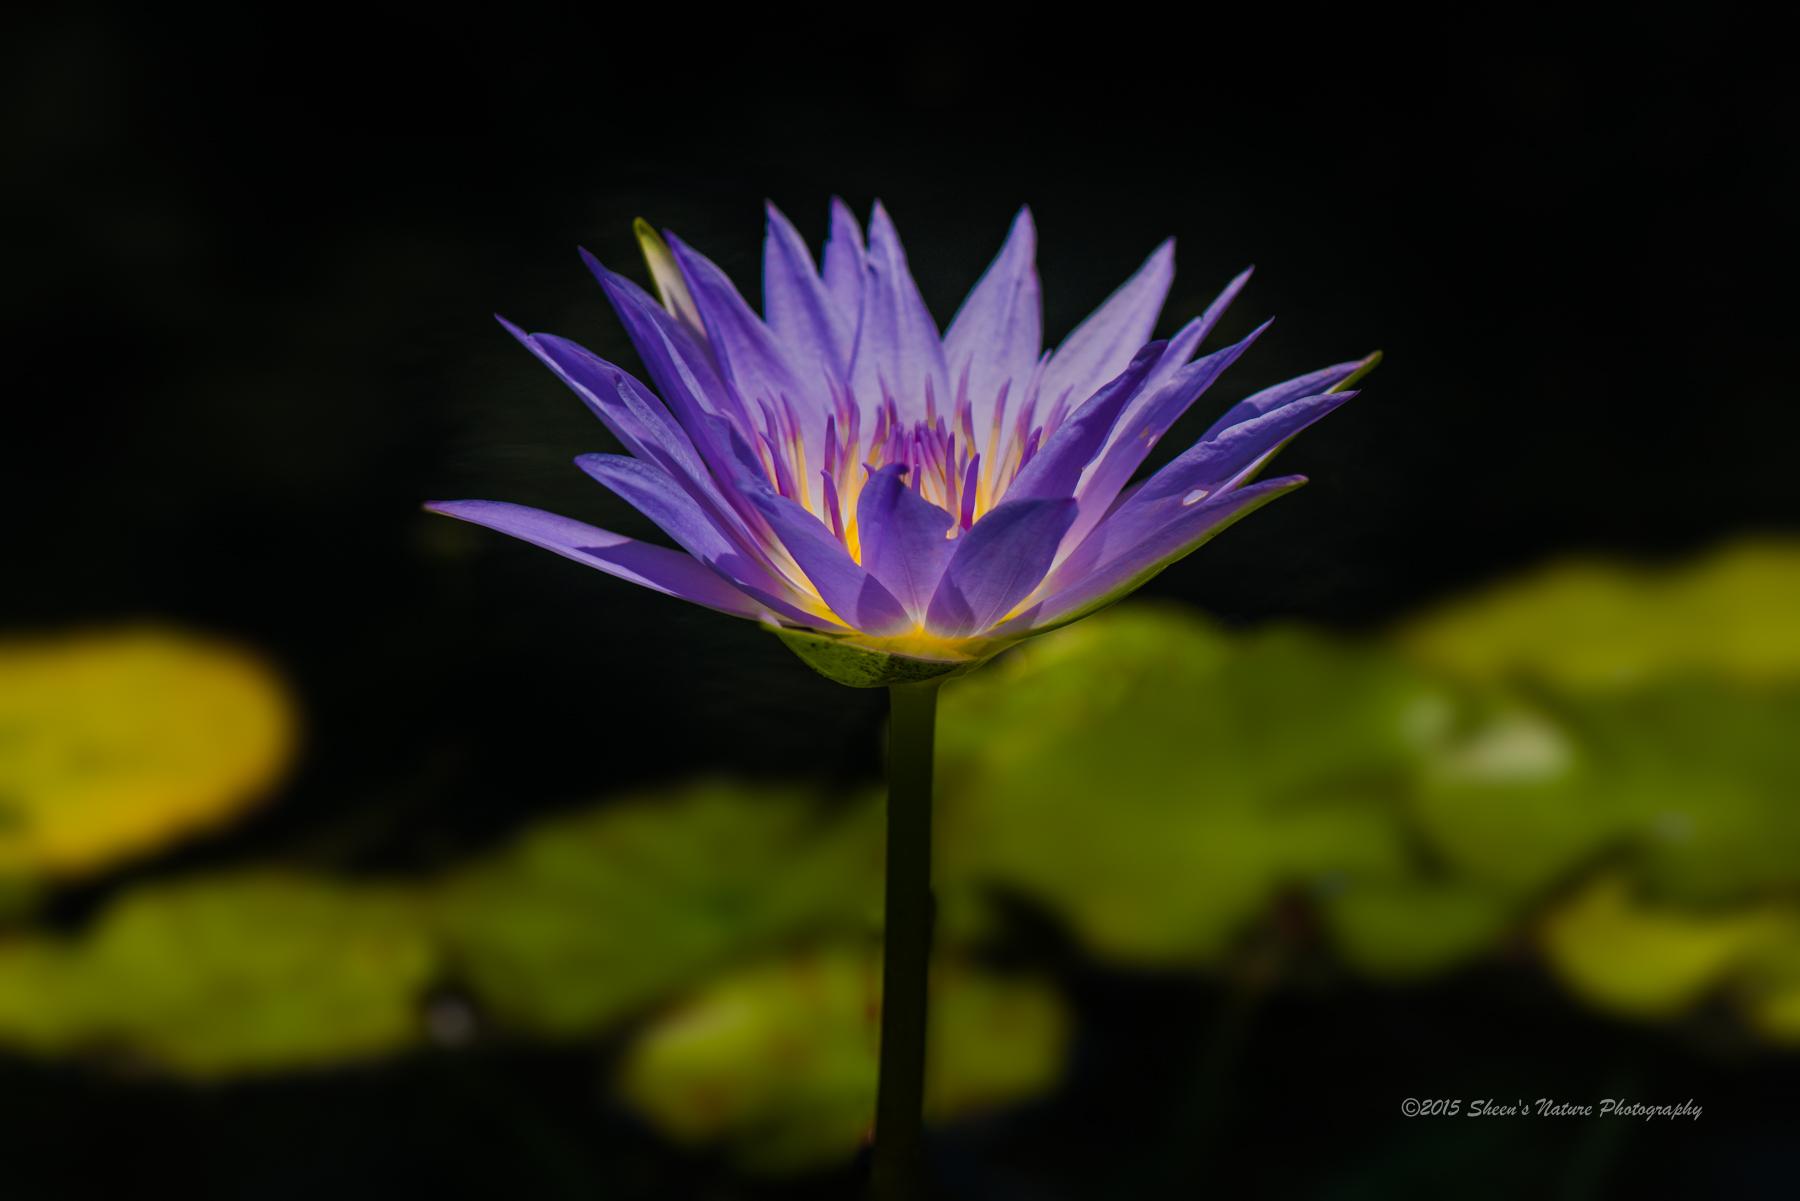 Irisblurcs6